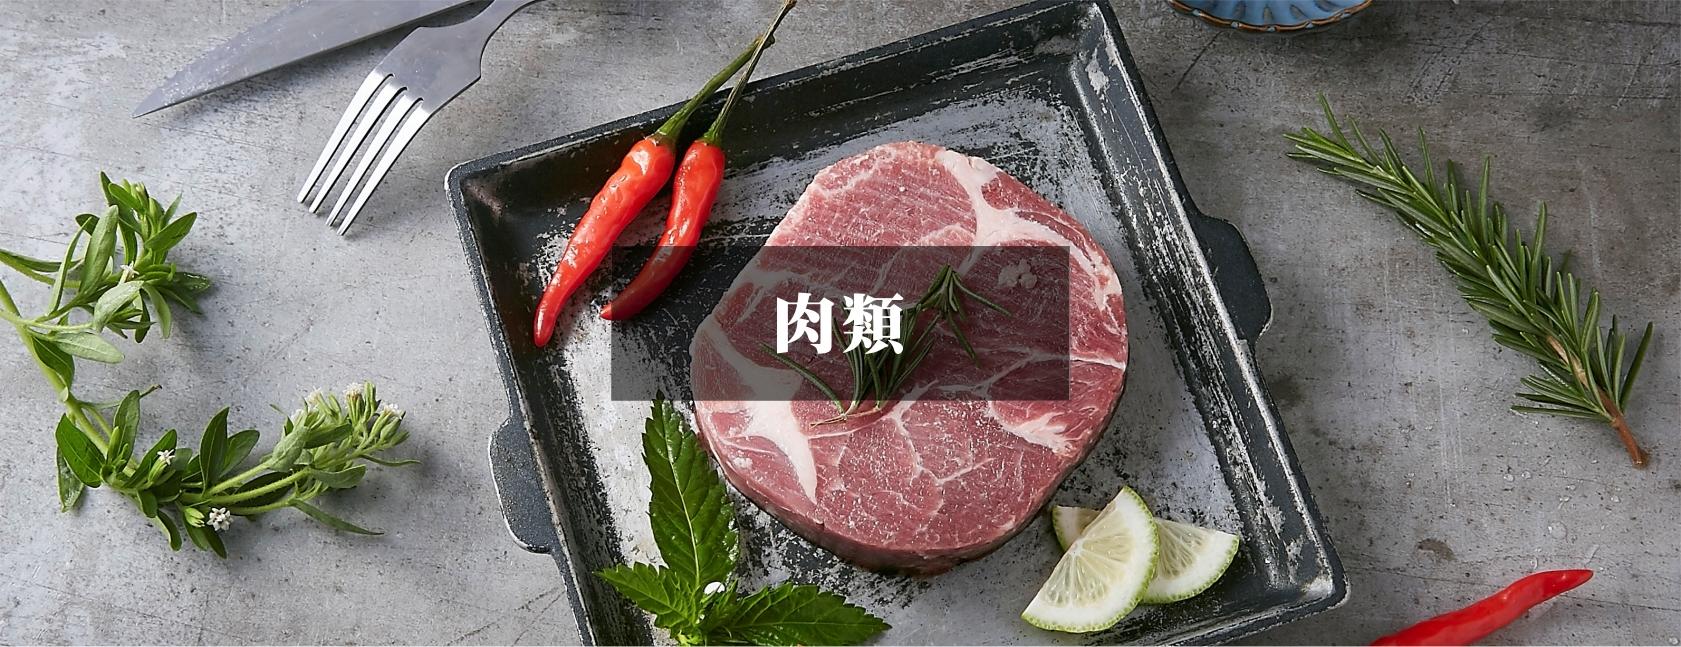 生鮮肉品(雞,豬肉)